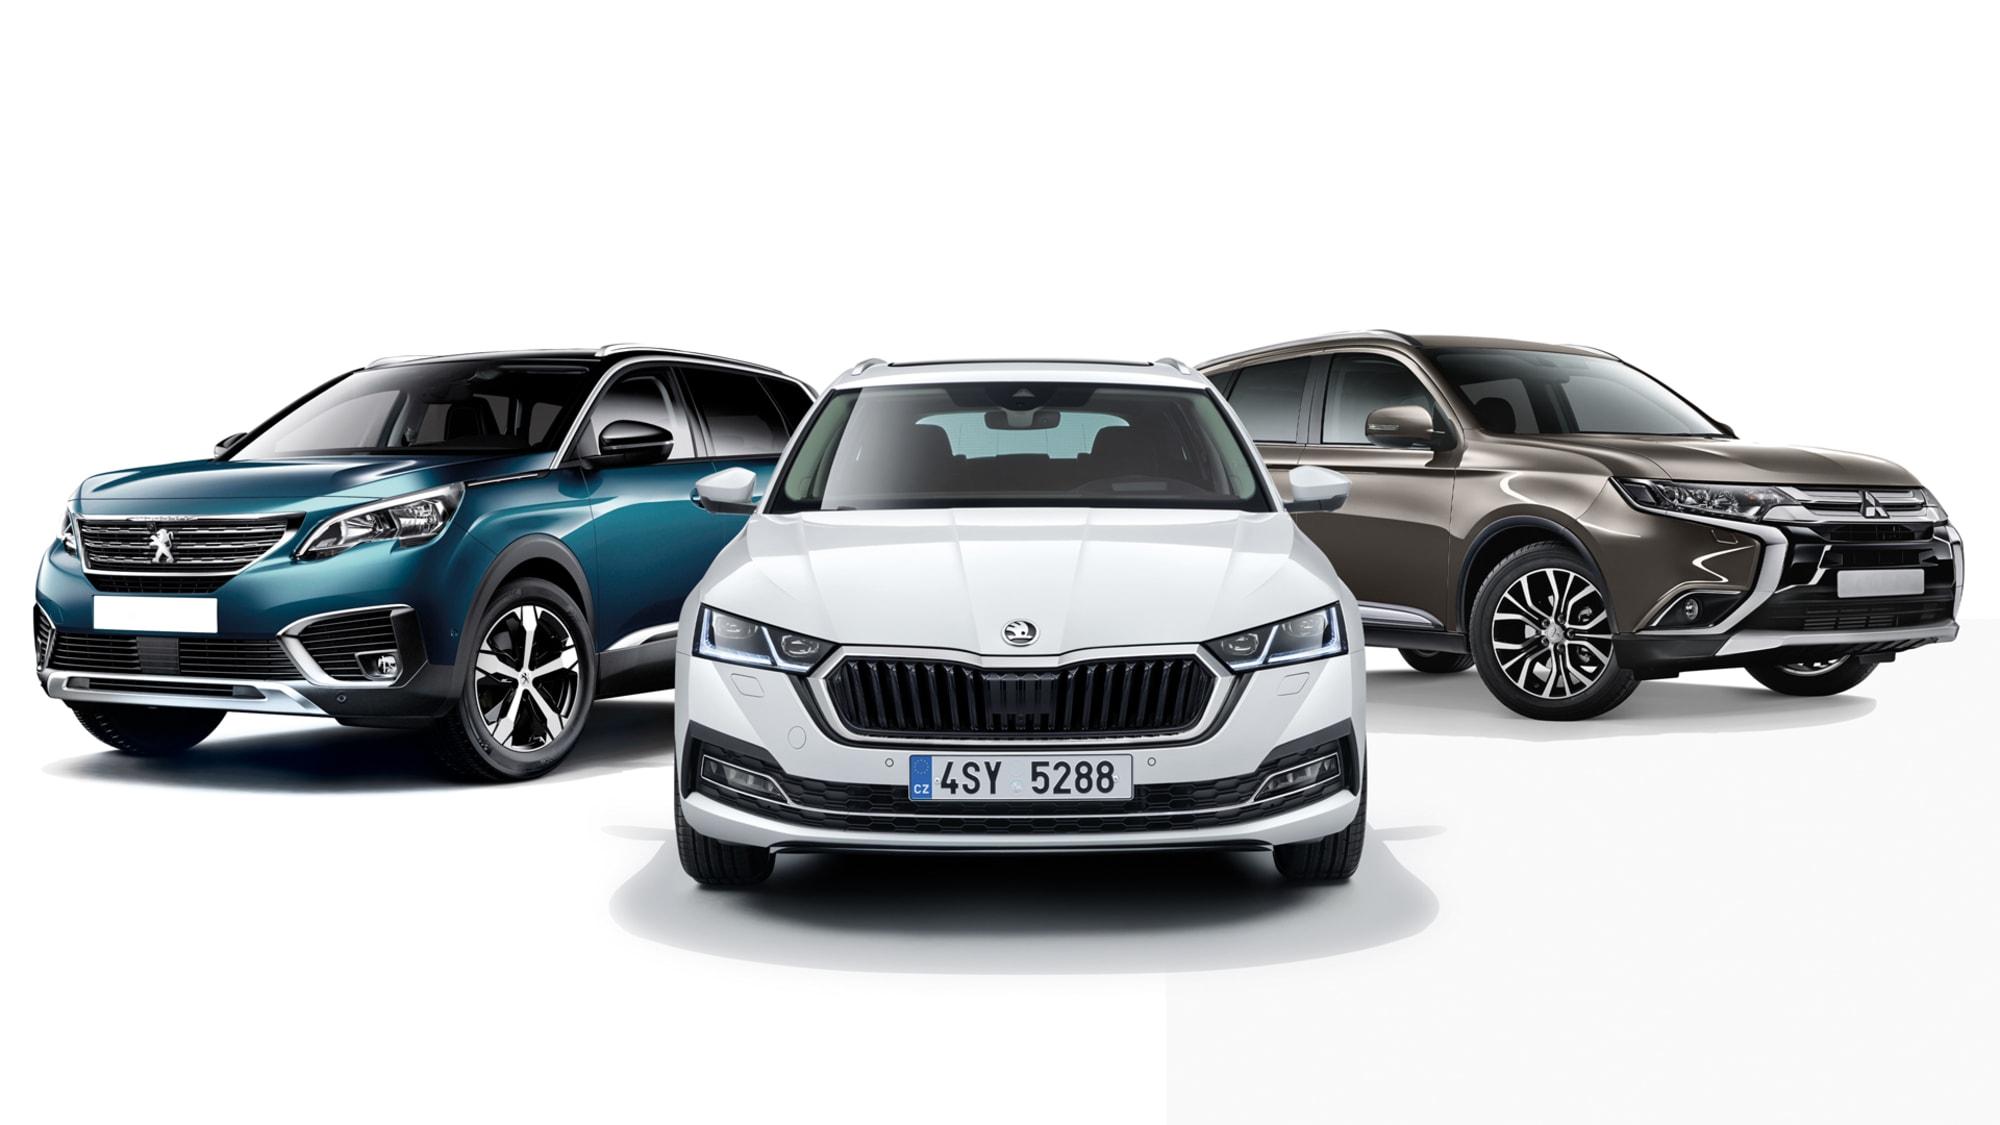 Die drei günstigsten Mittelklasse Autoas 2020 , von links: Peugeot 5008, Skoda Octavia, Mitsubishi Outlander